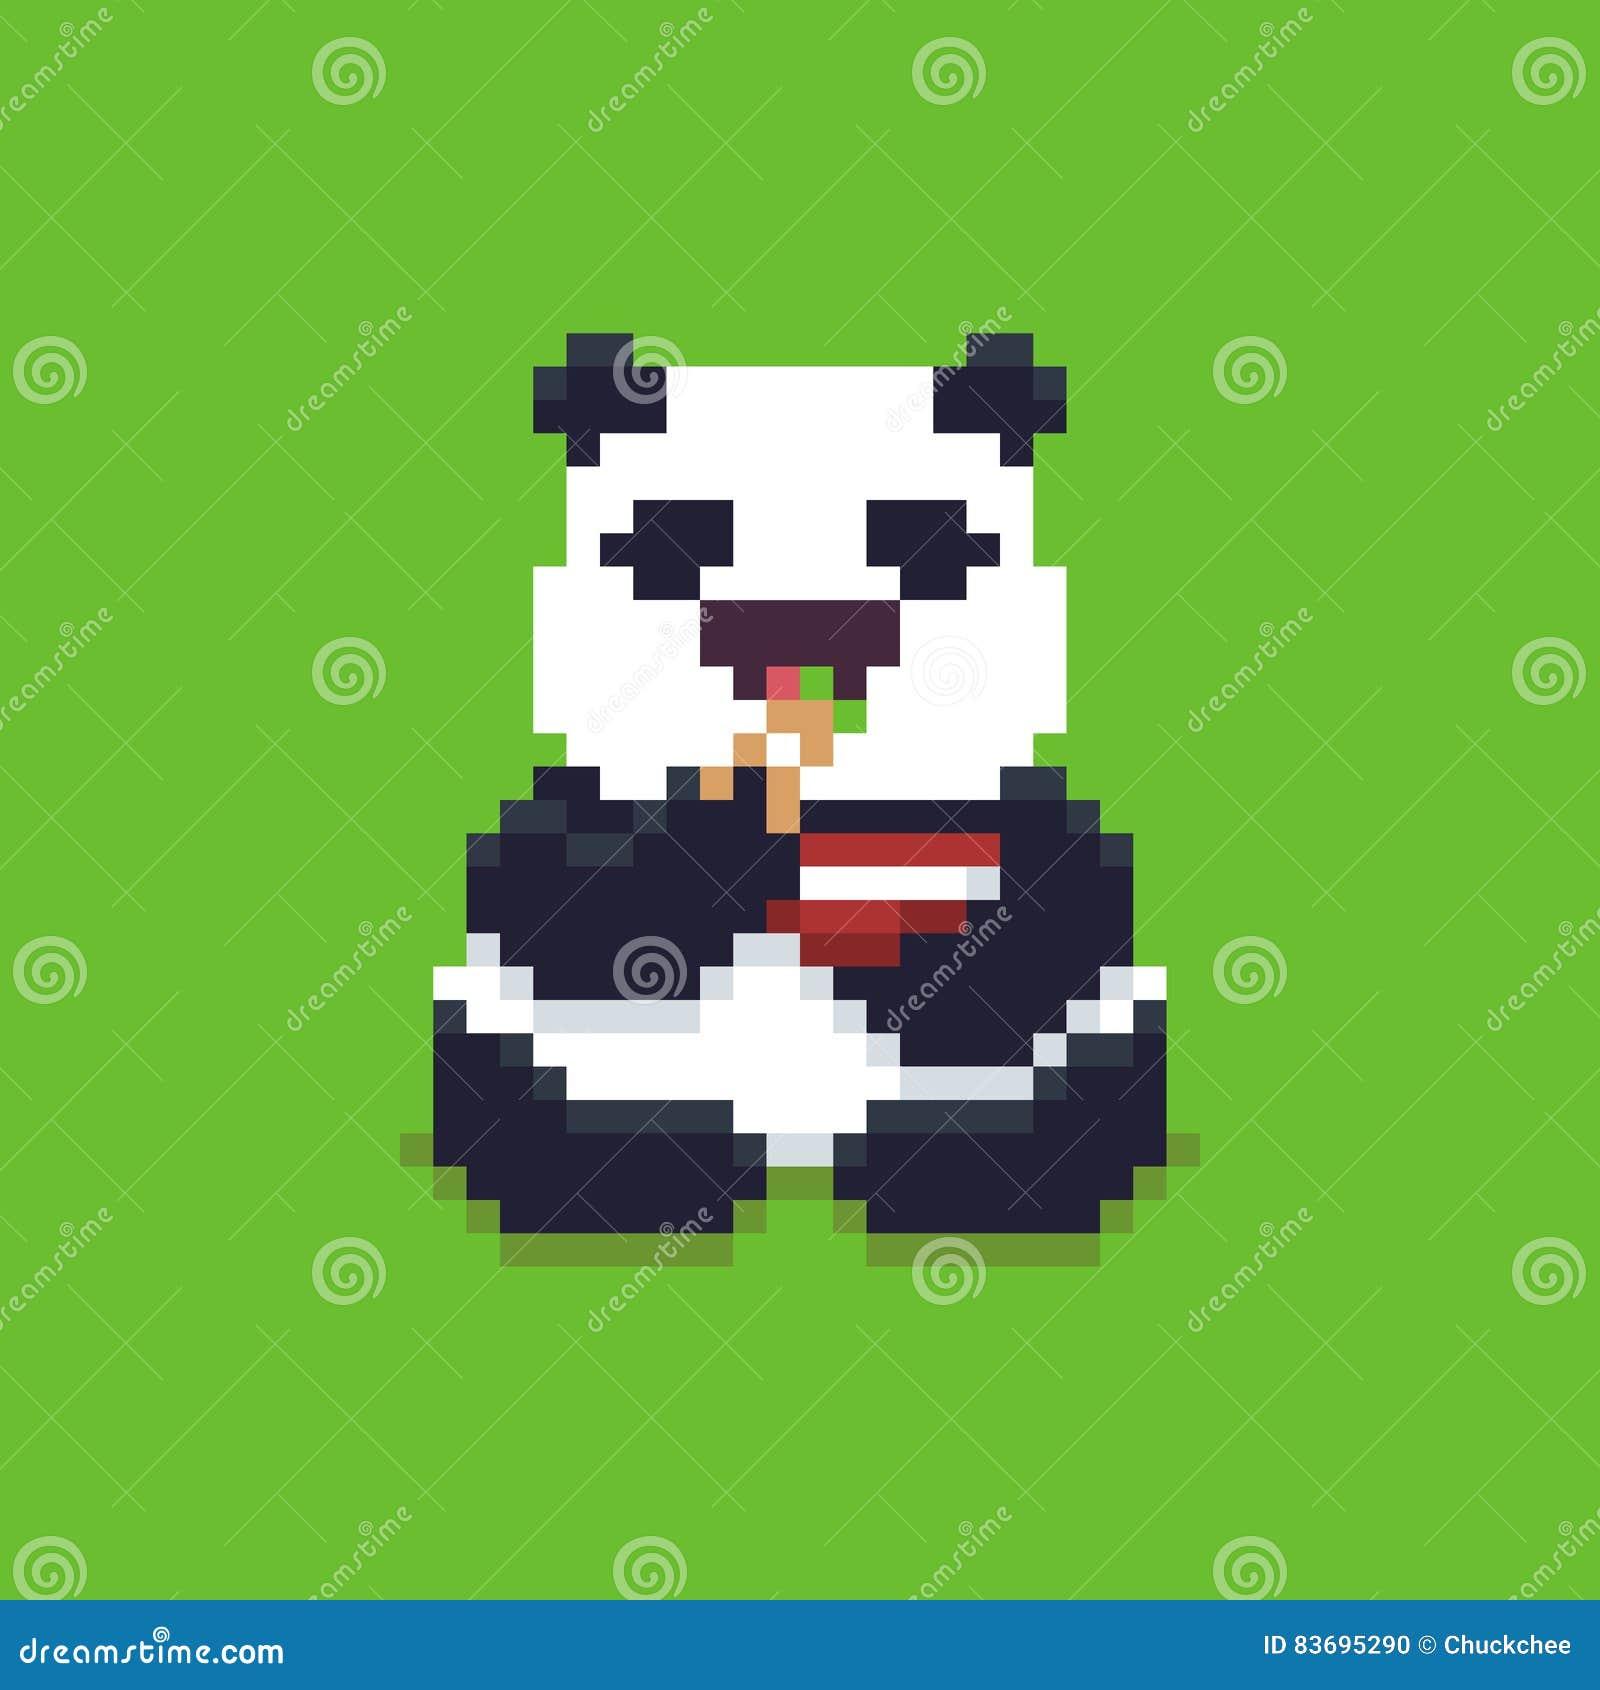 Pixel Art Panda Vector Illustratie Illustratie Bestaande Uit